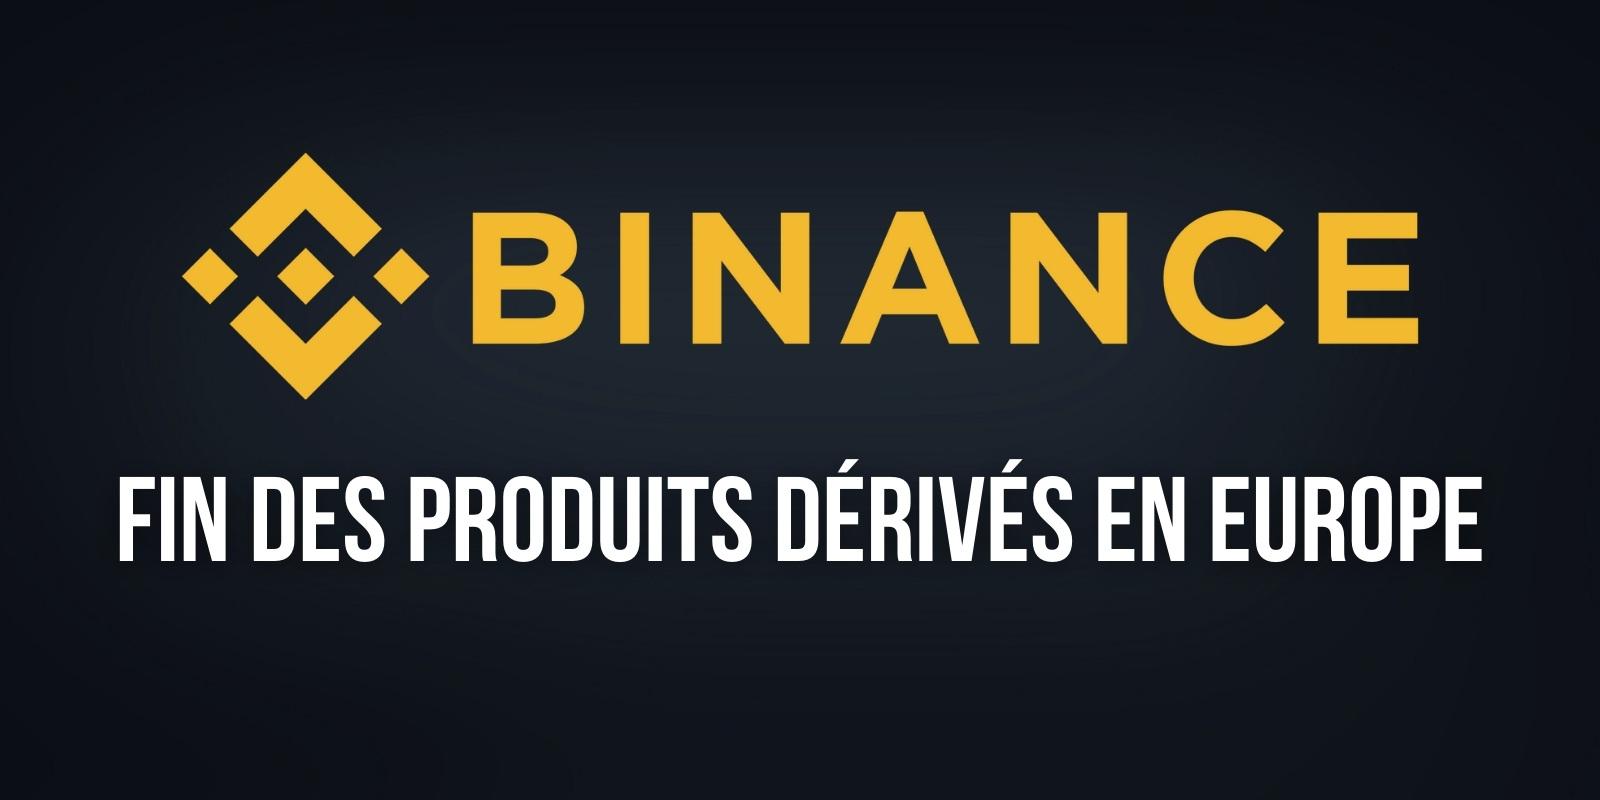 Binance interrompt son offre de produits dérivés dans 3 pays européens – Des mesures à venir pour la France ?